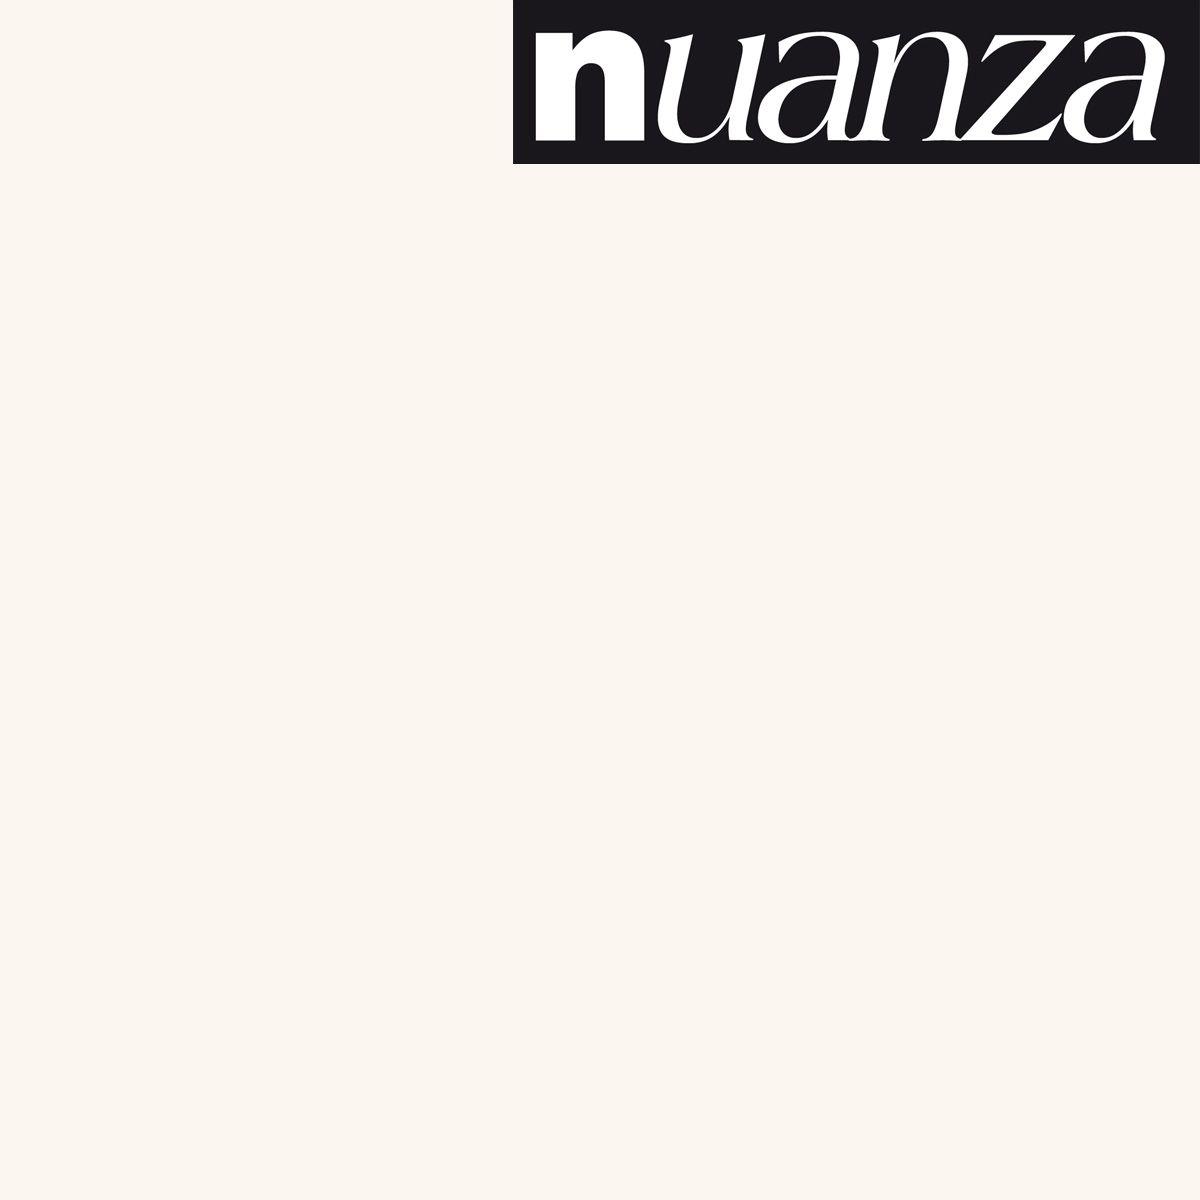 Peinture Nuanza mat monocouche calcaire 0.5l